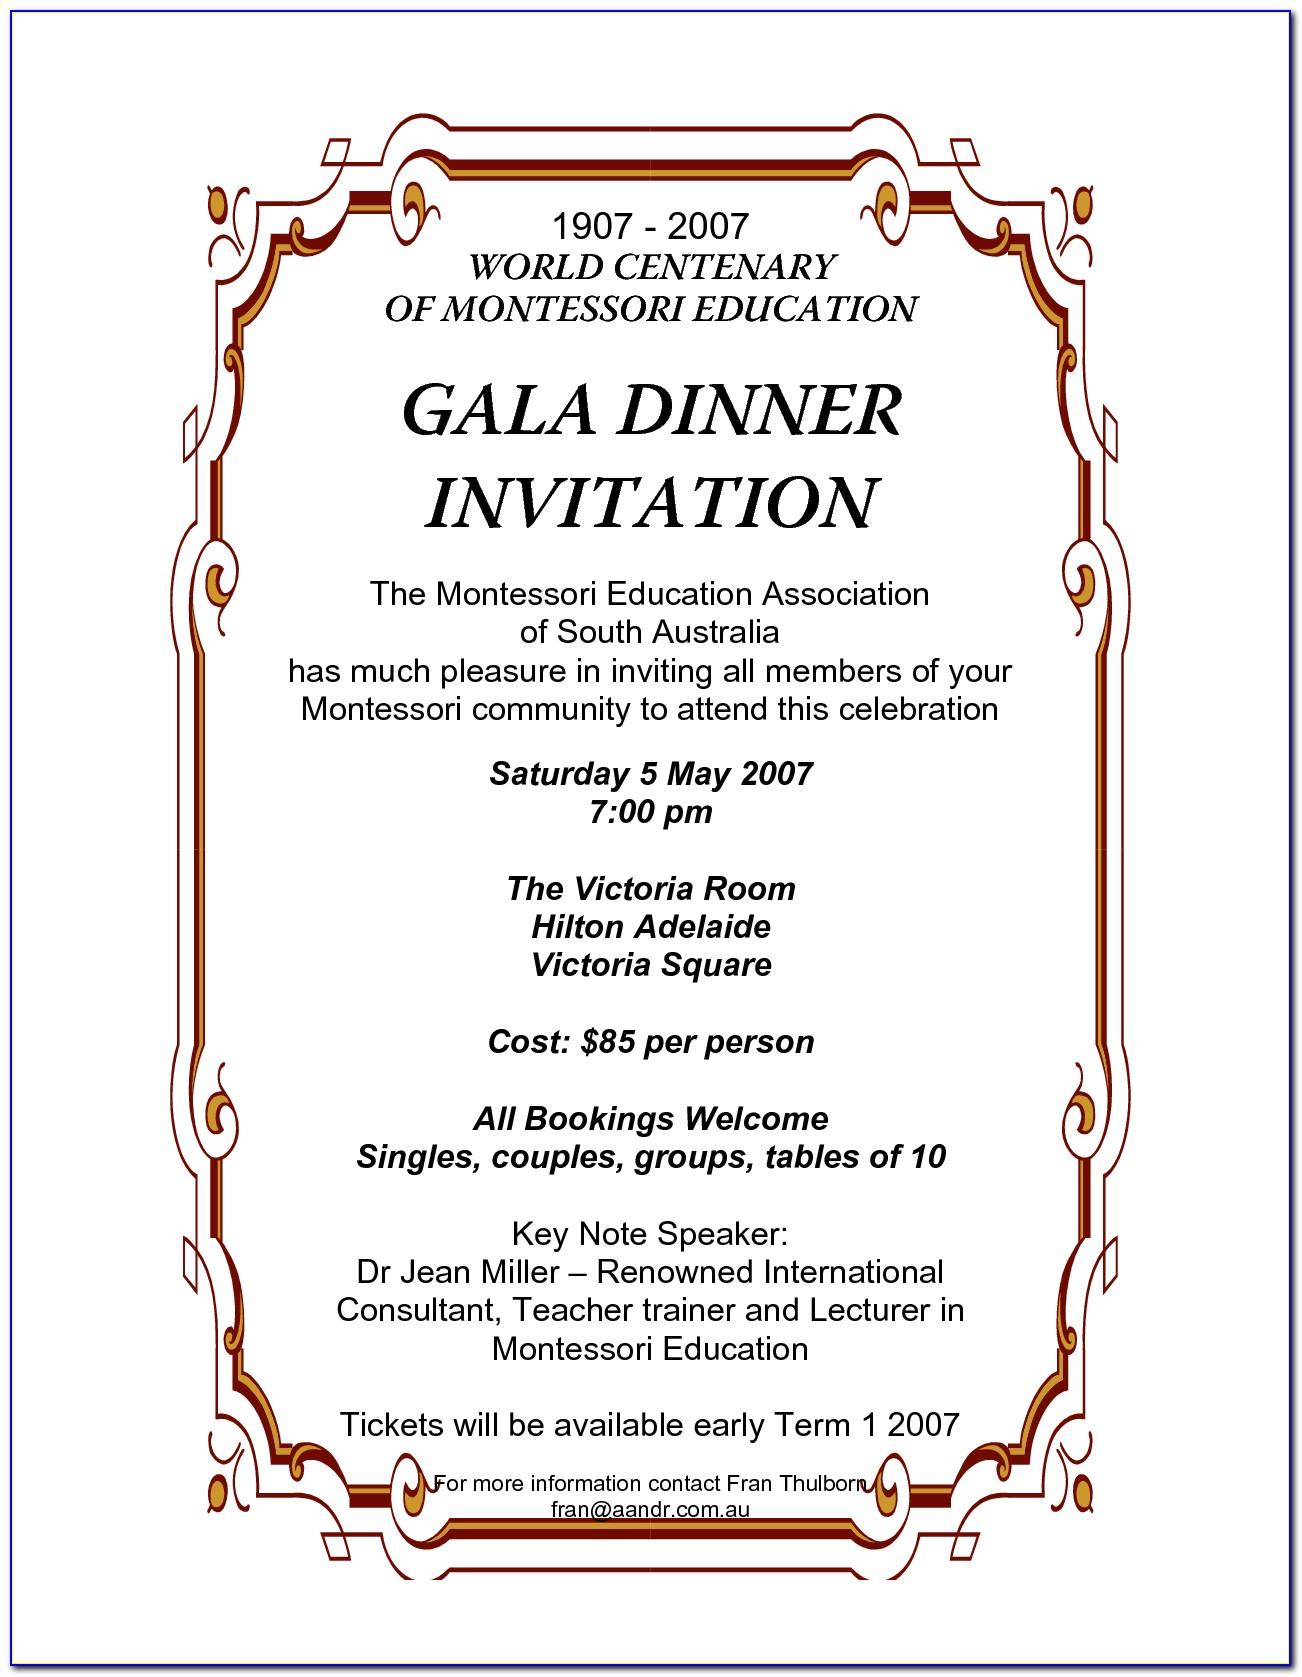 Gala Dinner Invitation Letter Template